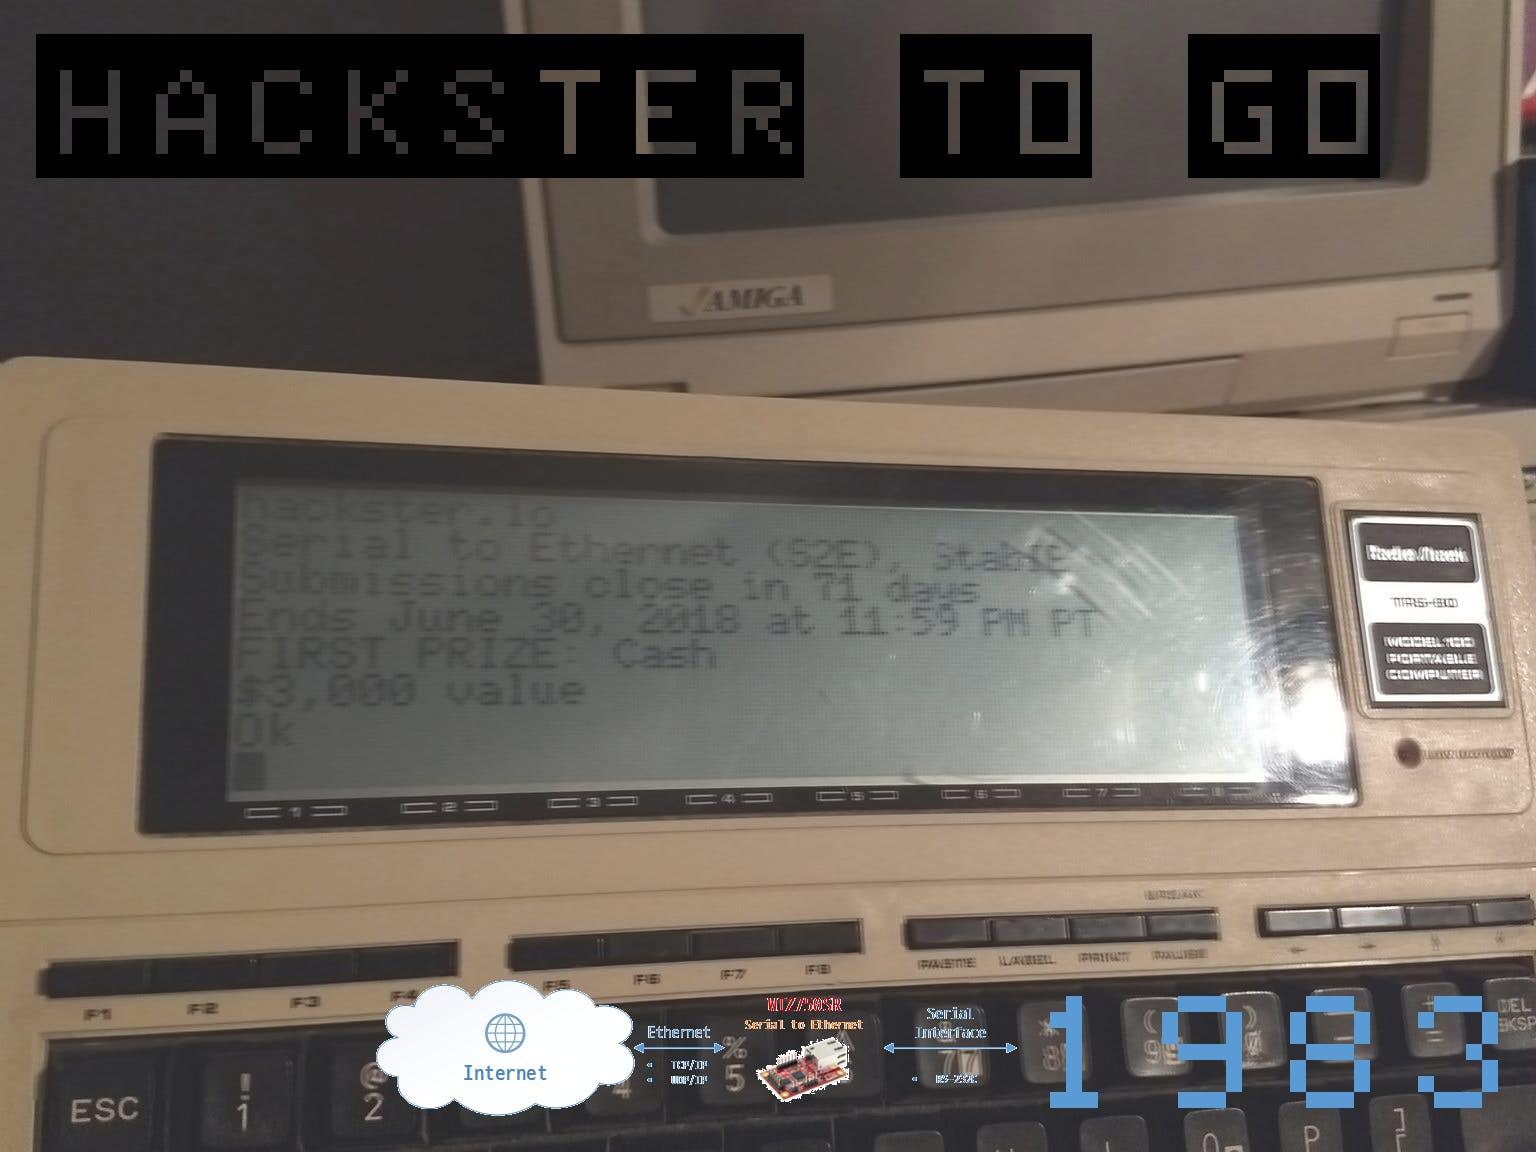 Hackster to go 4x3 2 rkt7nlqauk